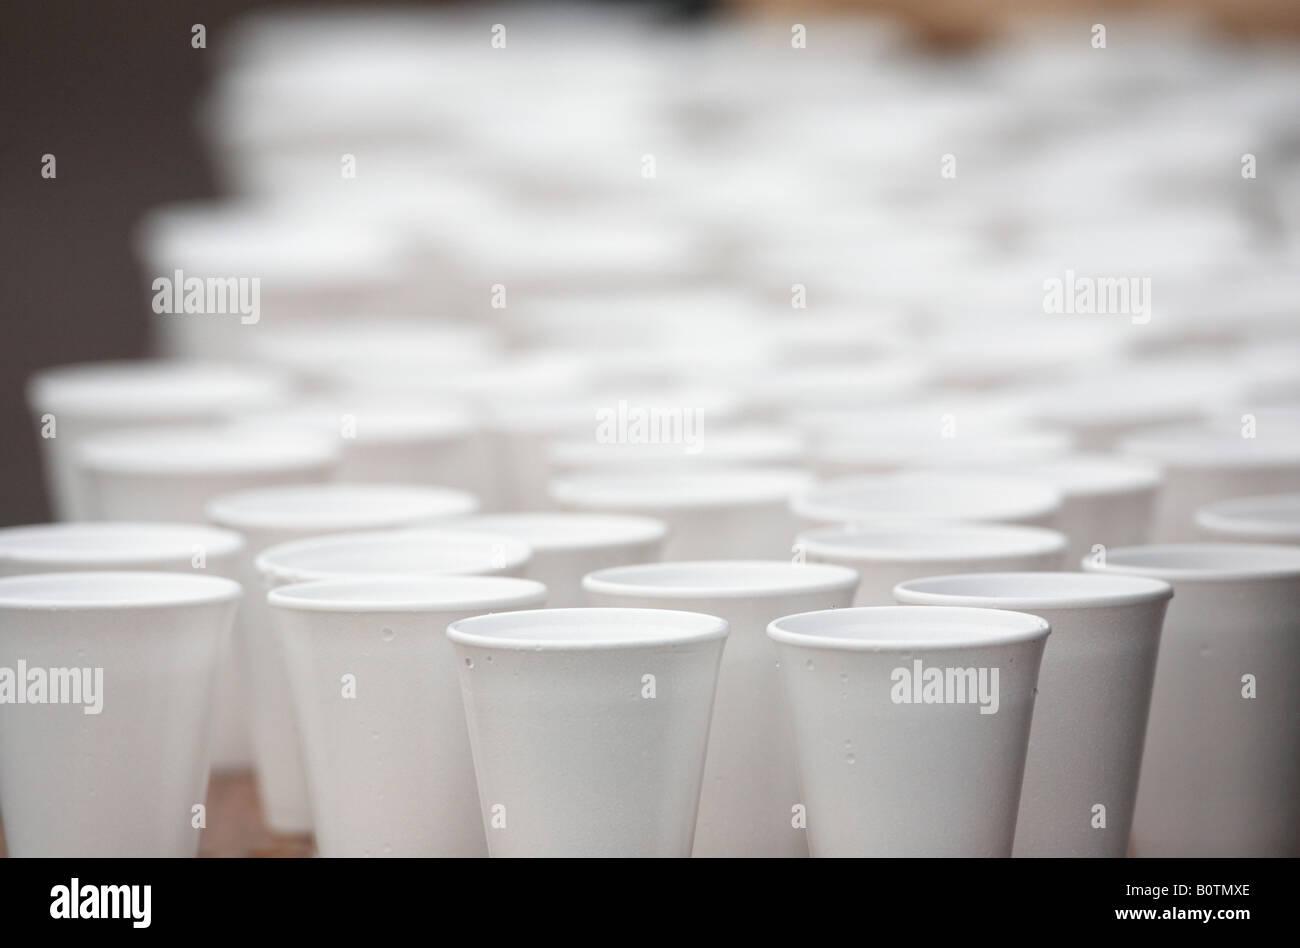 Des gobelets en polystyrène polystyrène pleine d'eau sur une table lors d'un marathon race sport Photo Stock